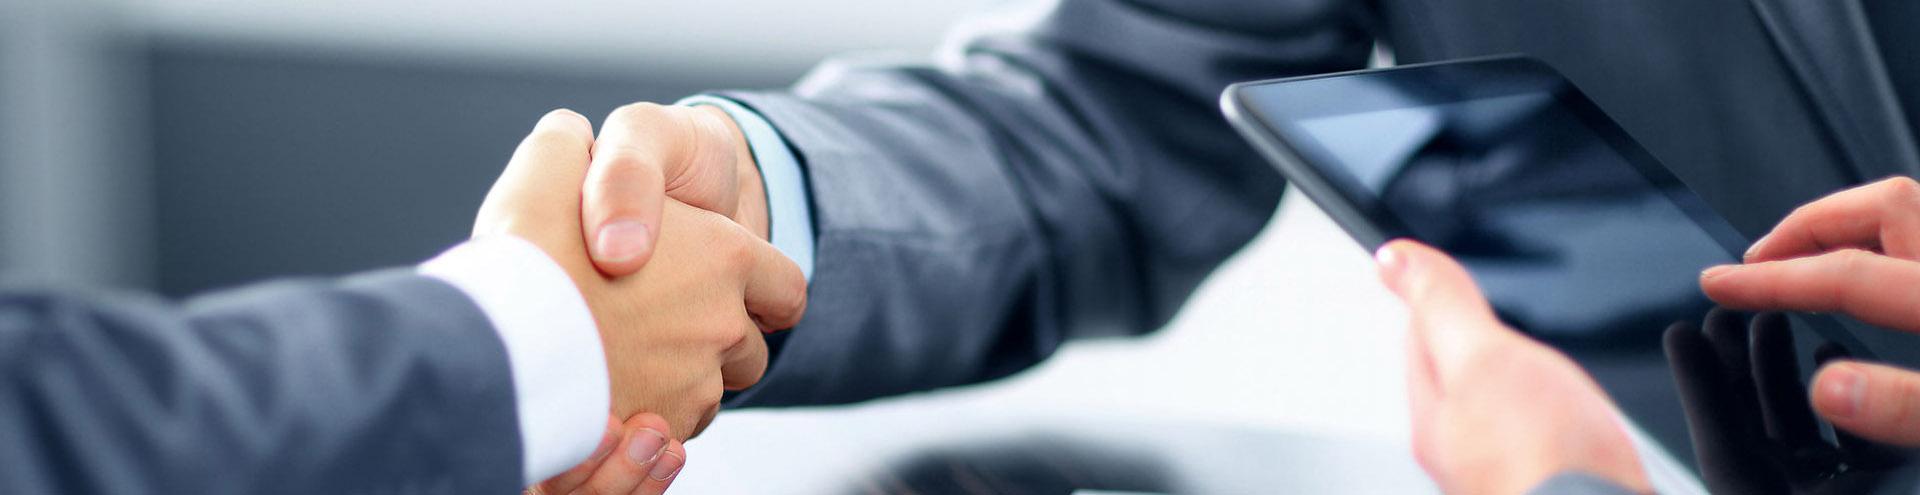 юридическое обслуживание предпринимателей в Рязани